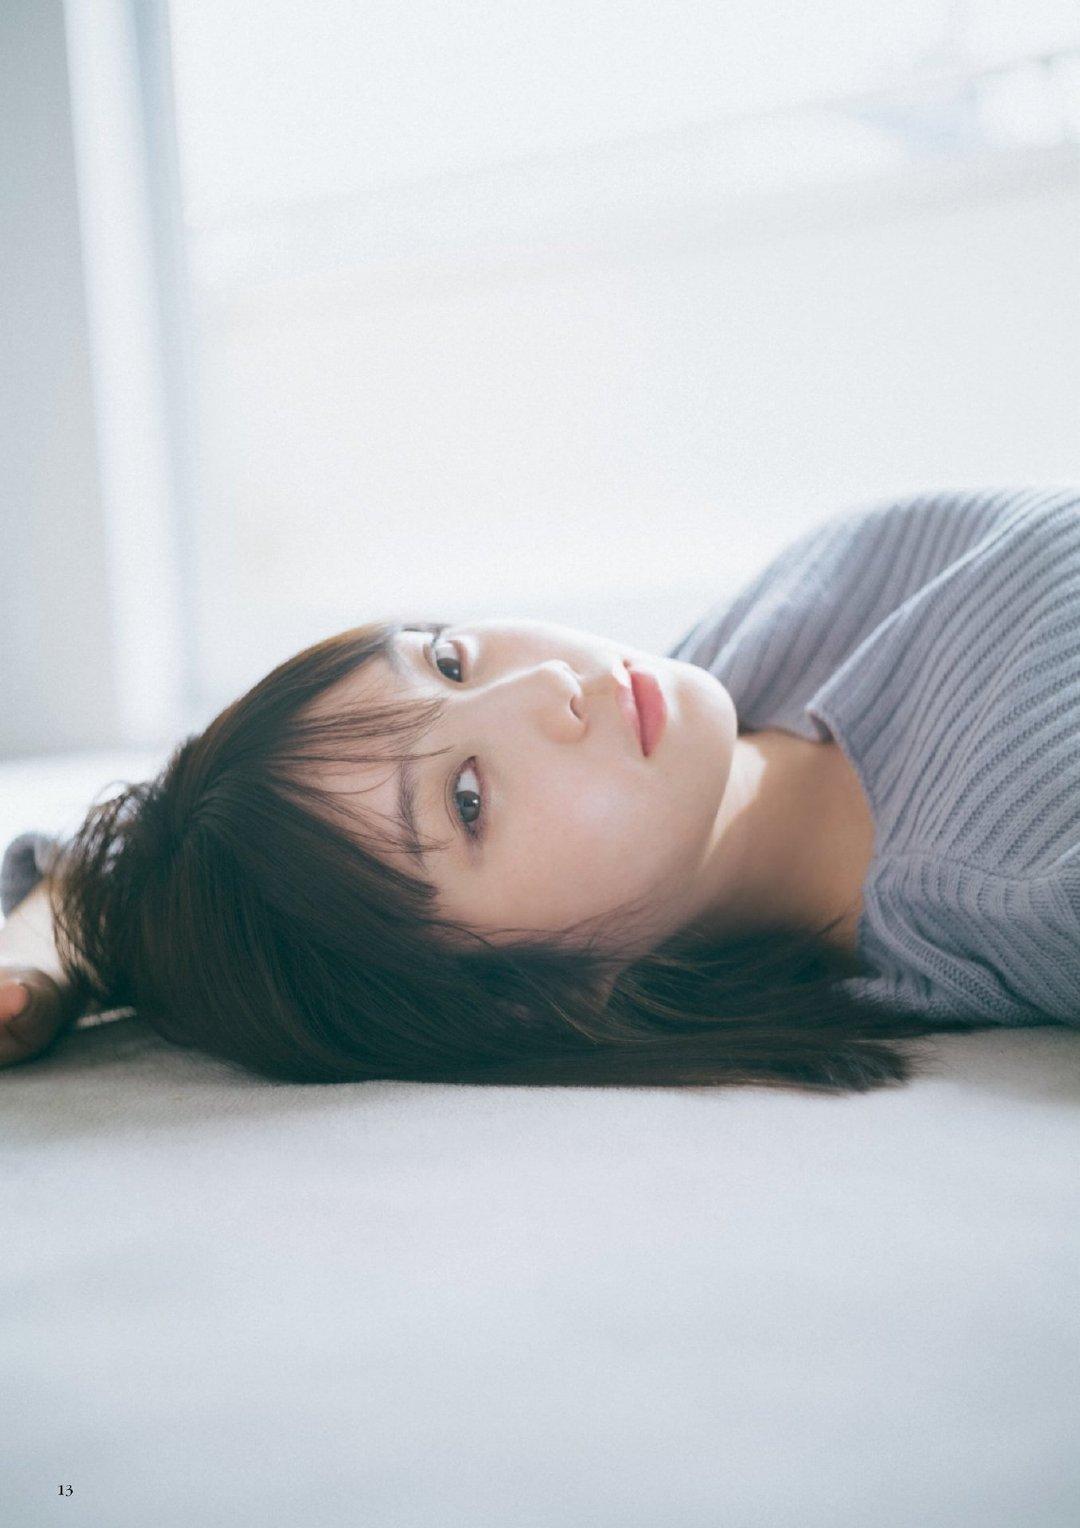 BUBKA 2021年5月号 与田祐希插图9